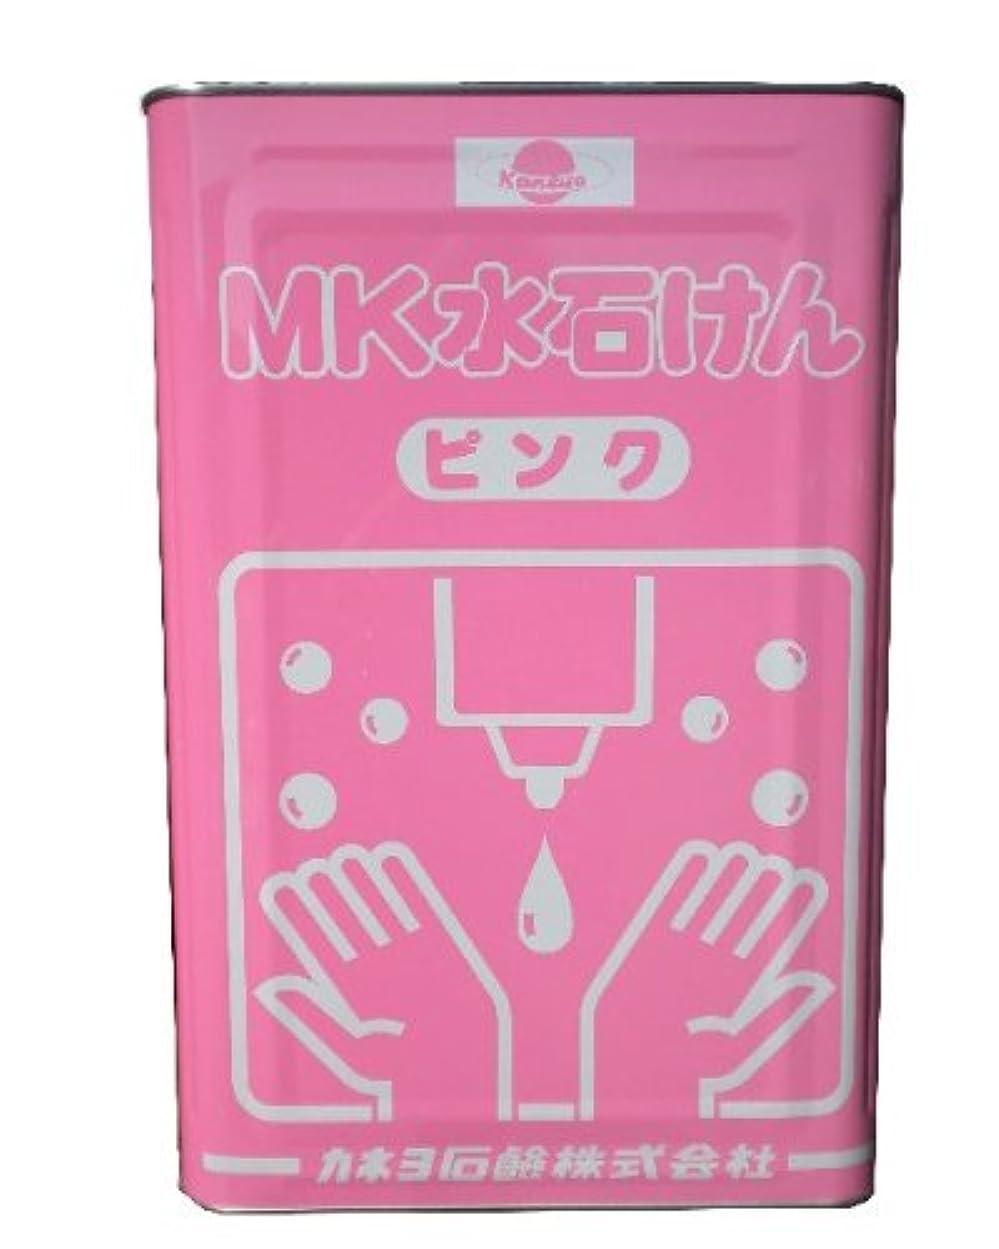 でもペインティング口頭【大容量】 カネヨ石鹸 ハンドソープ MK水せっけん 液体 業務用 18L 一斗缶